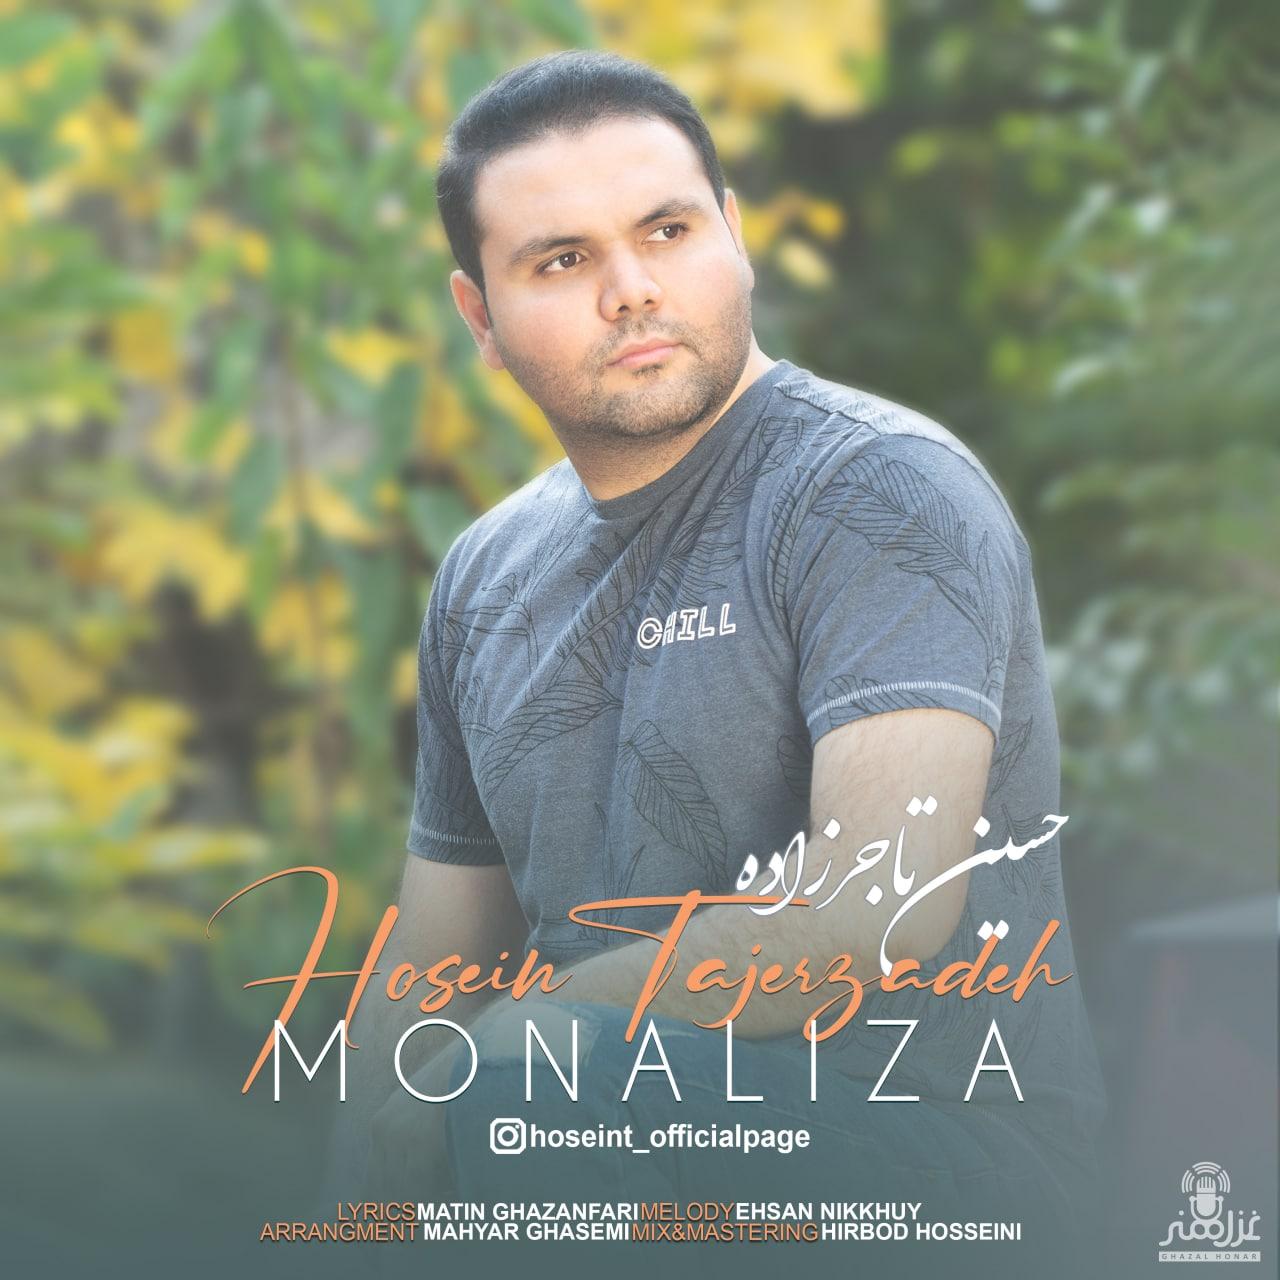 Hosein Tajerzadeh – Monaliza